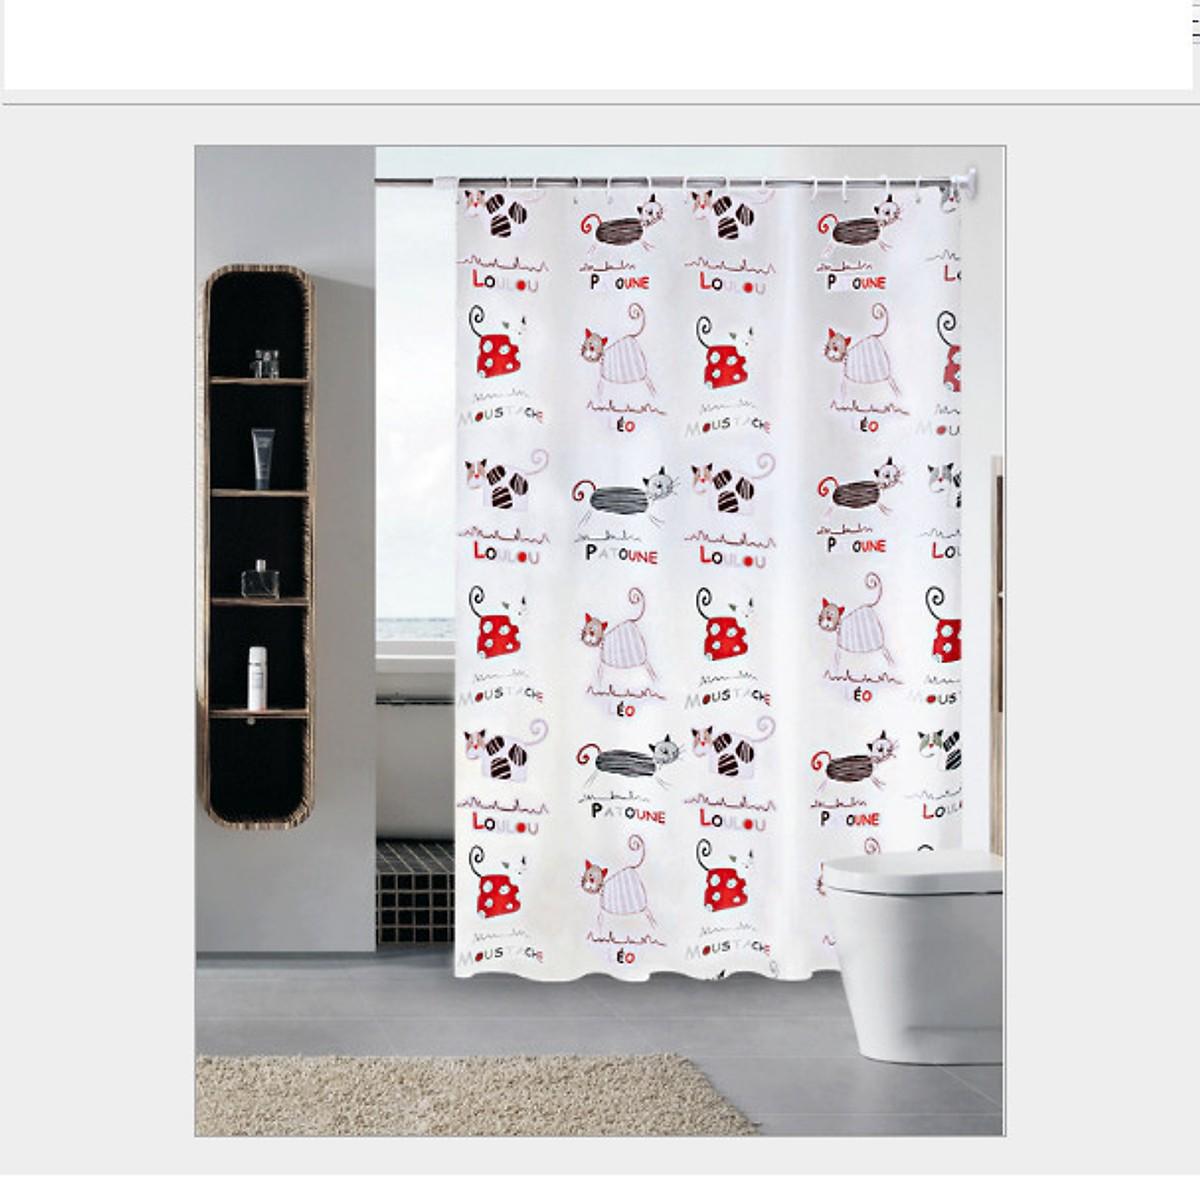 Rèm Phòng Tắm / Rèm Cửa Sổ Mèo Chữ 180cm X 180cm Loại 1